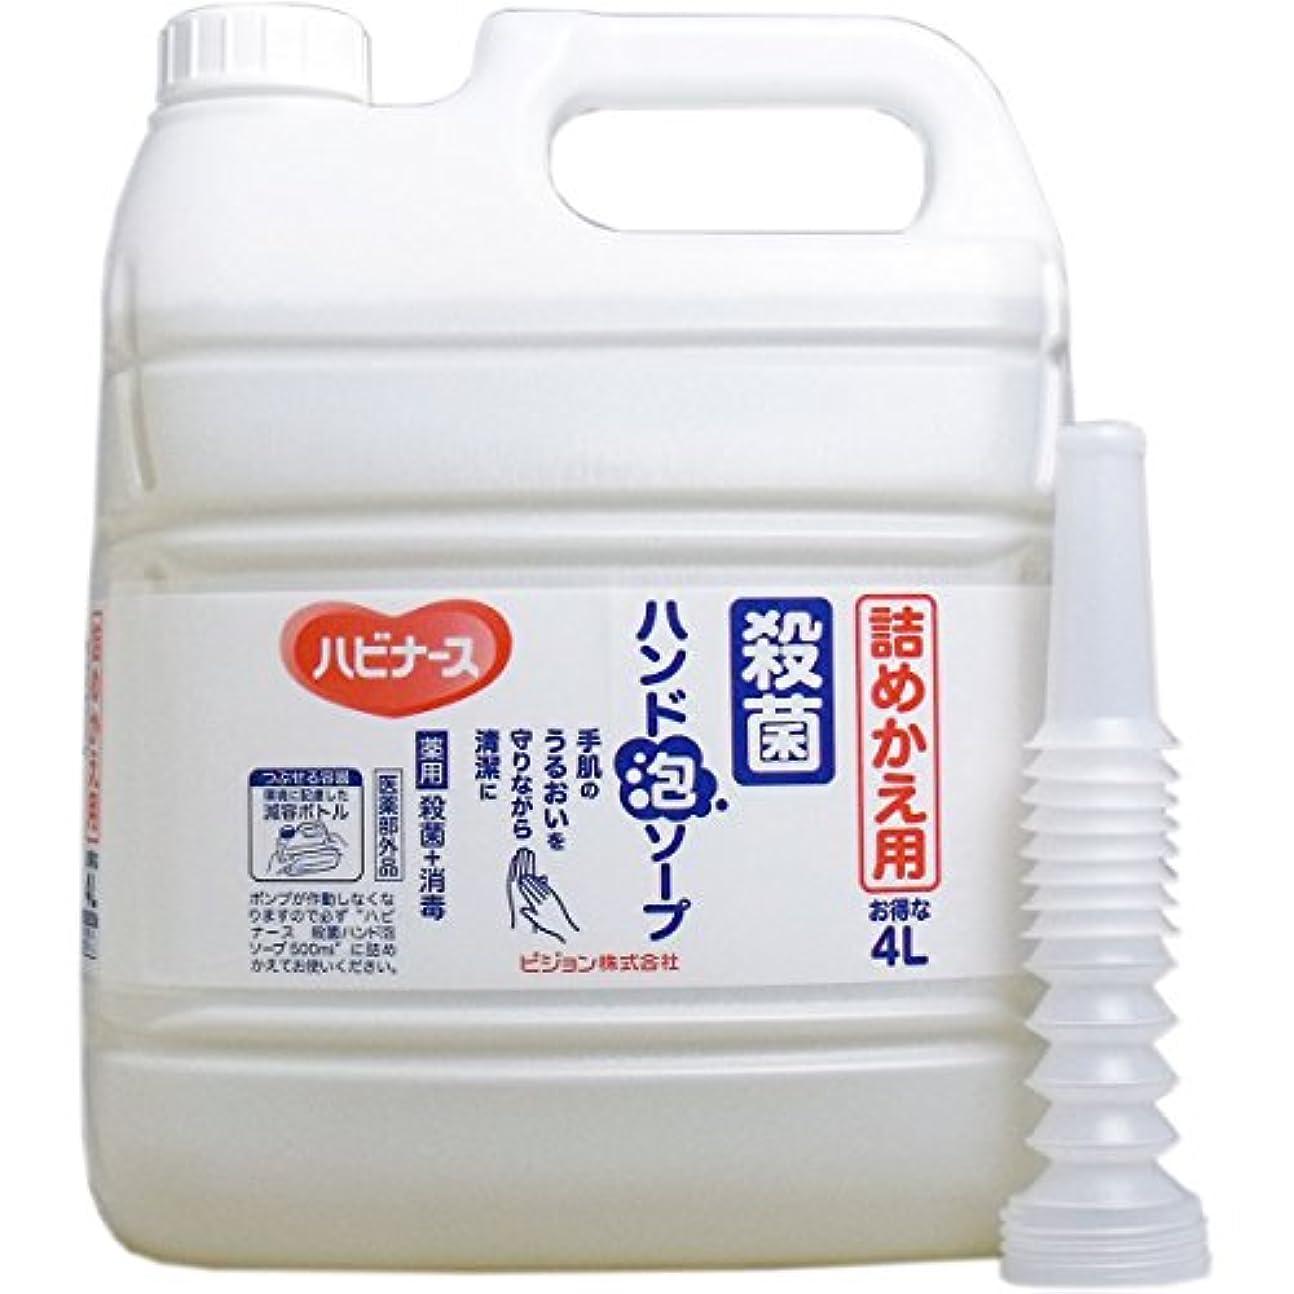 ピジョン ハビナース 殺菌ハンド泡ソープ 詰替用 4L